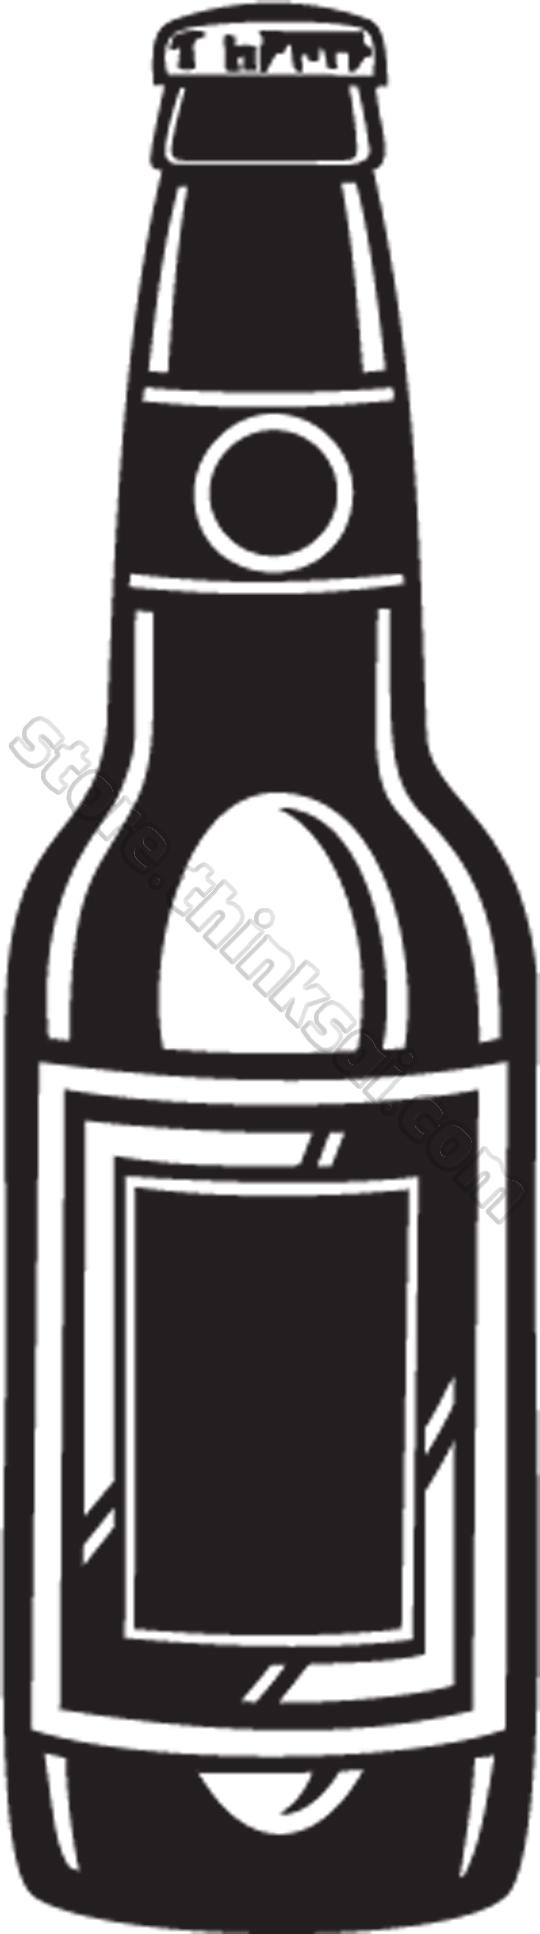 Beer Clip Art Sai Store Sai Clip Art